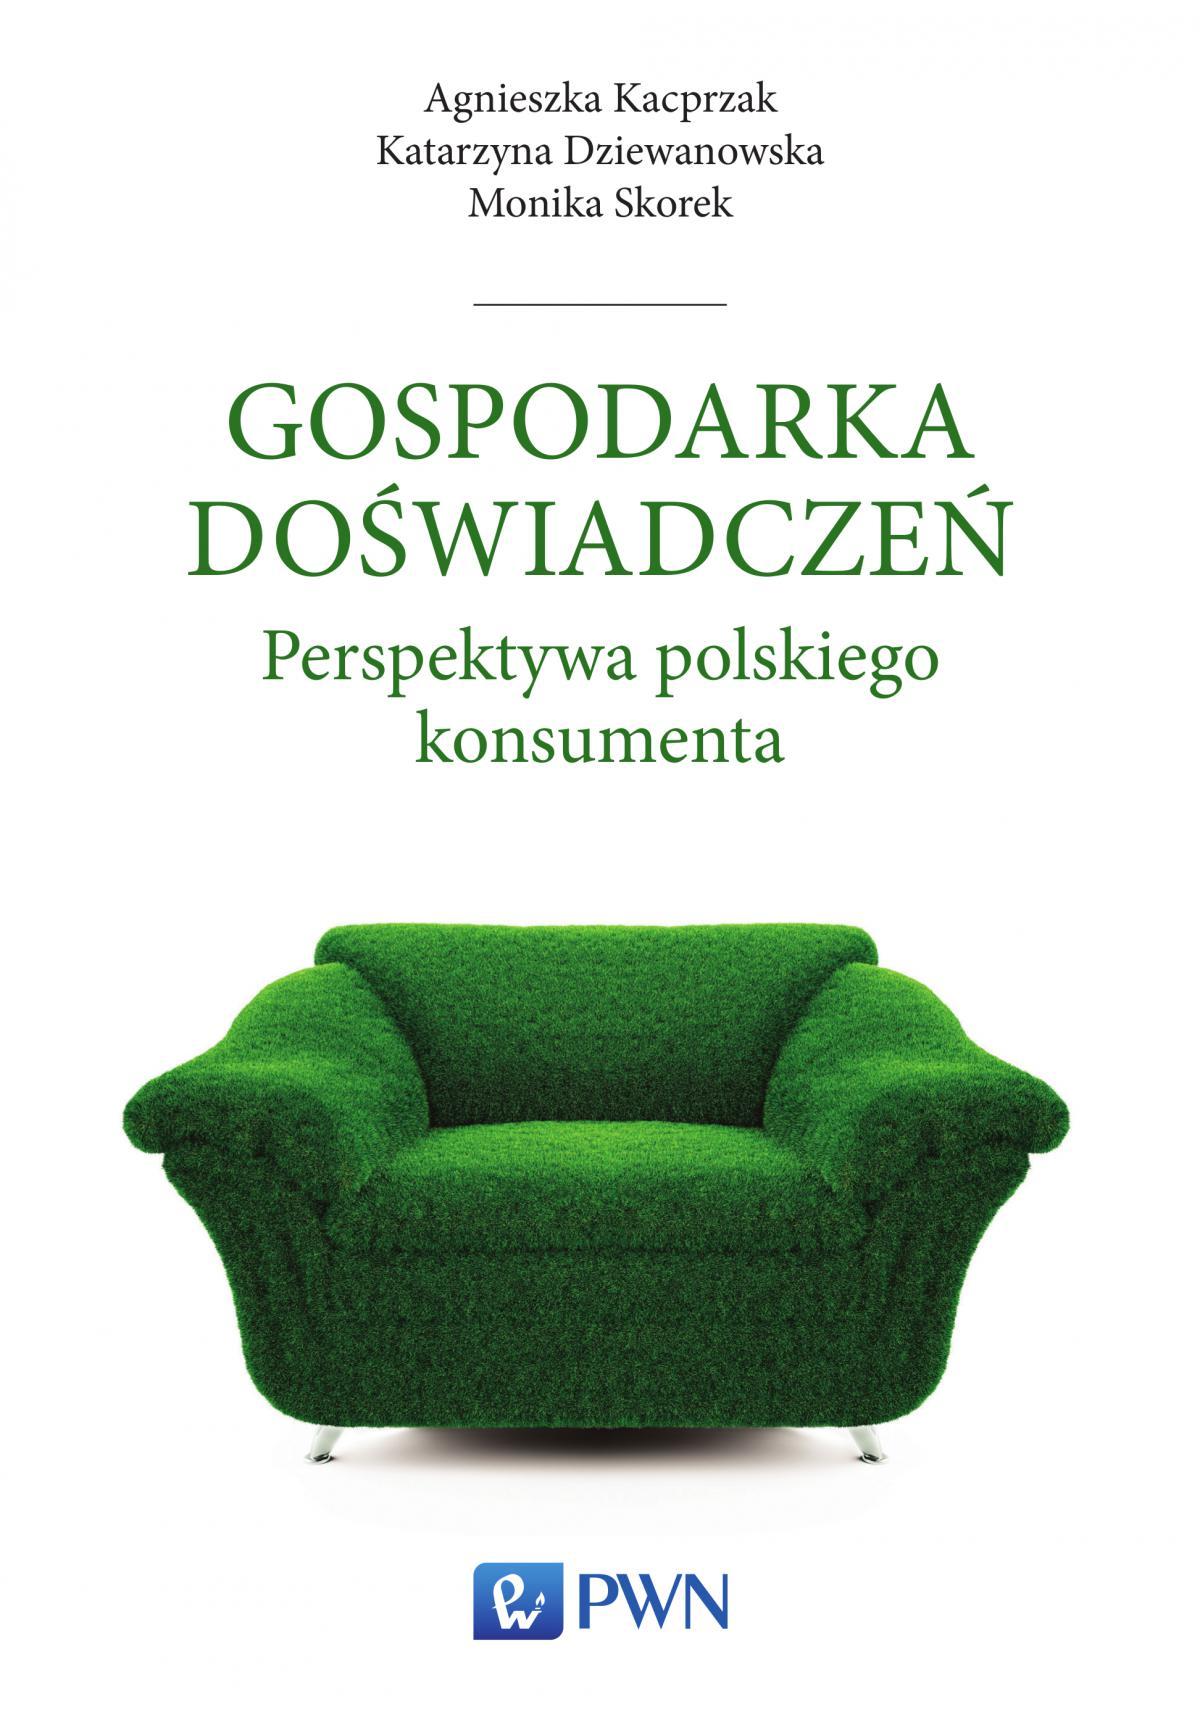 Gospodarka doświadczeń. Perspektywa polskiego konsumenta - Ebook (Książka na Kindle) do pobrania w formacie MOBI